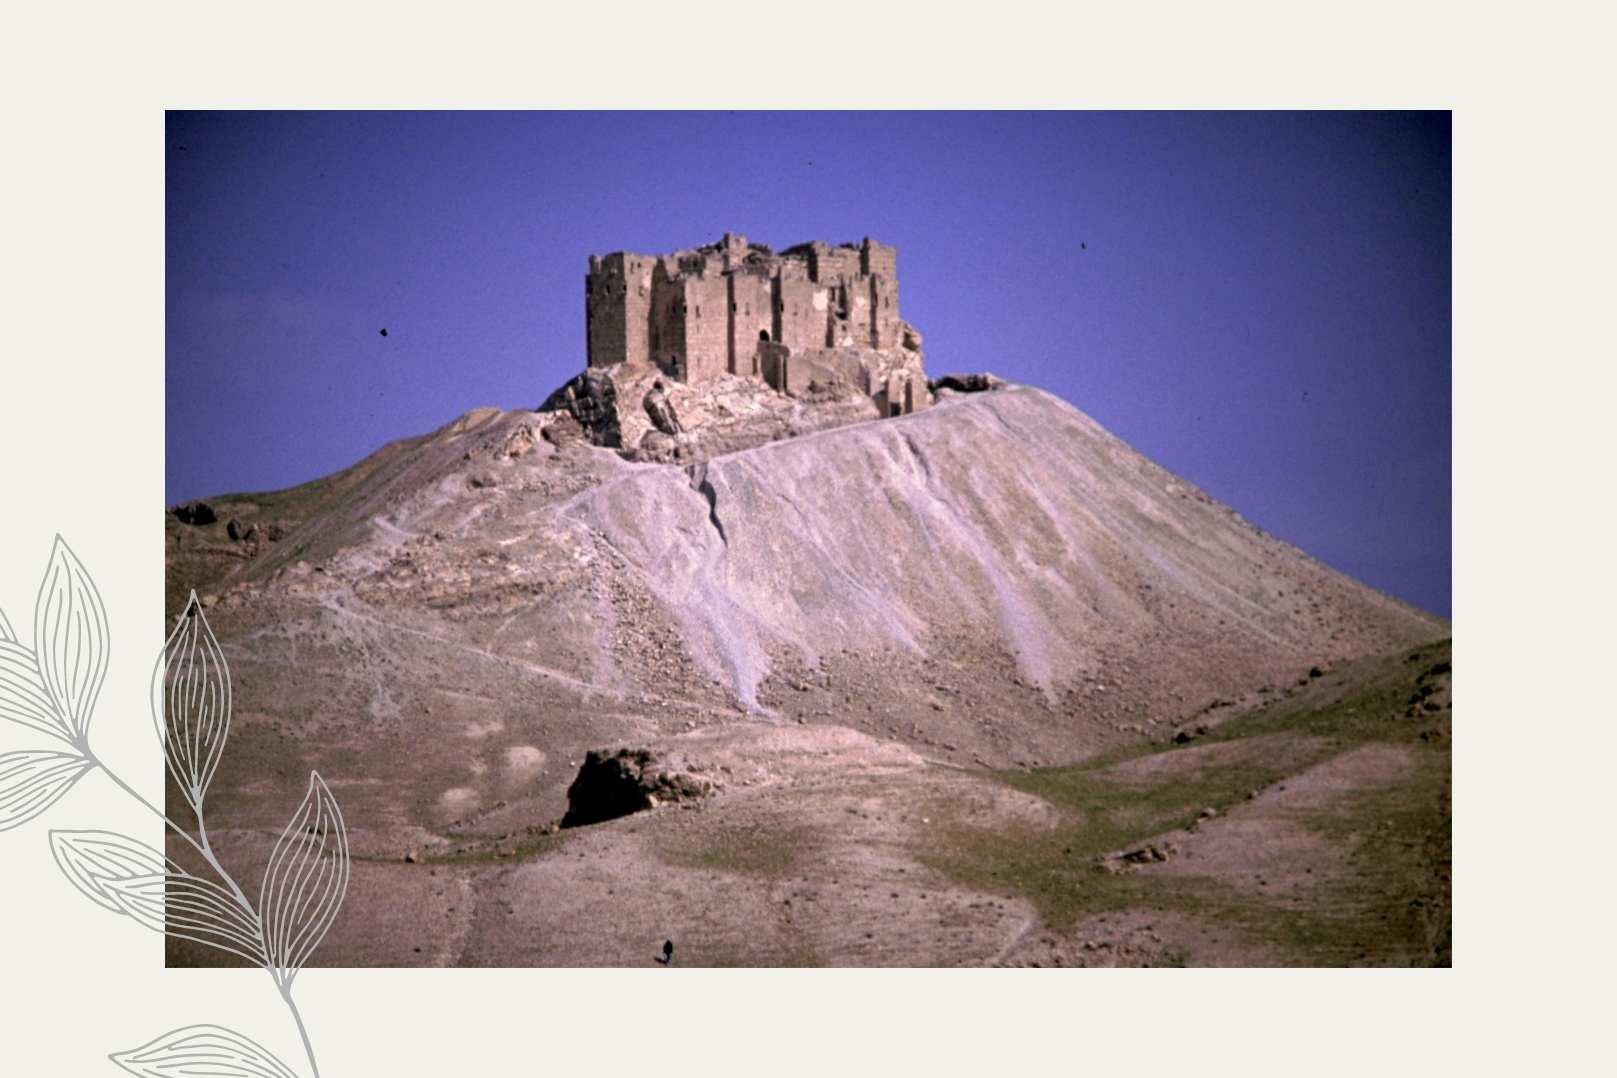 Zhenobya Alepposeife Burg von Zenobia